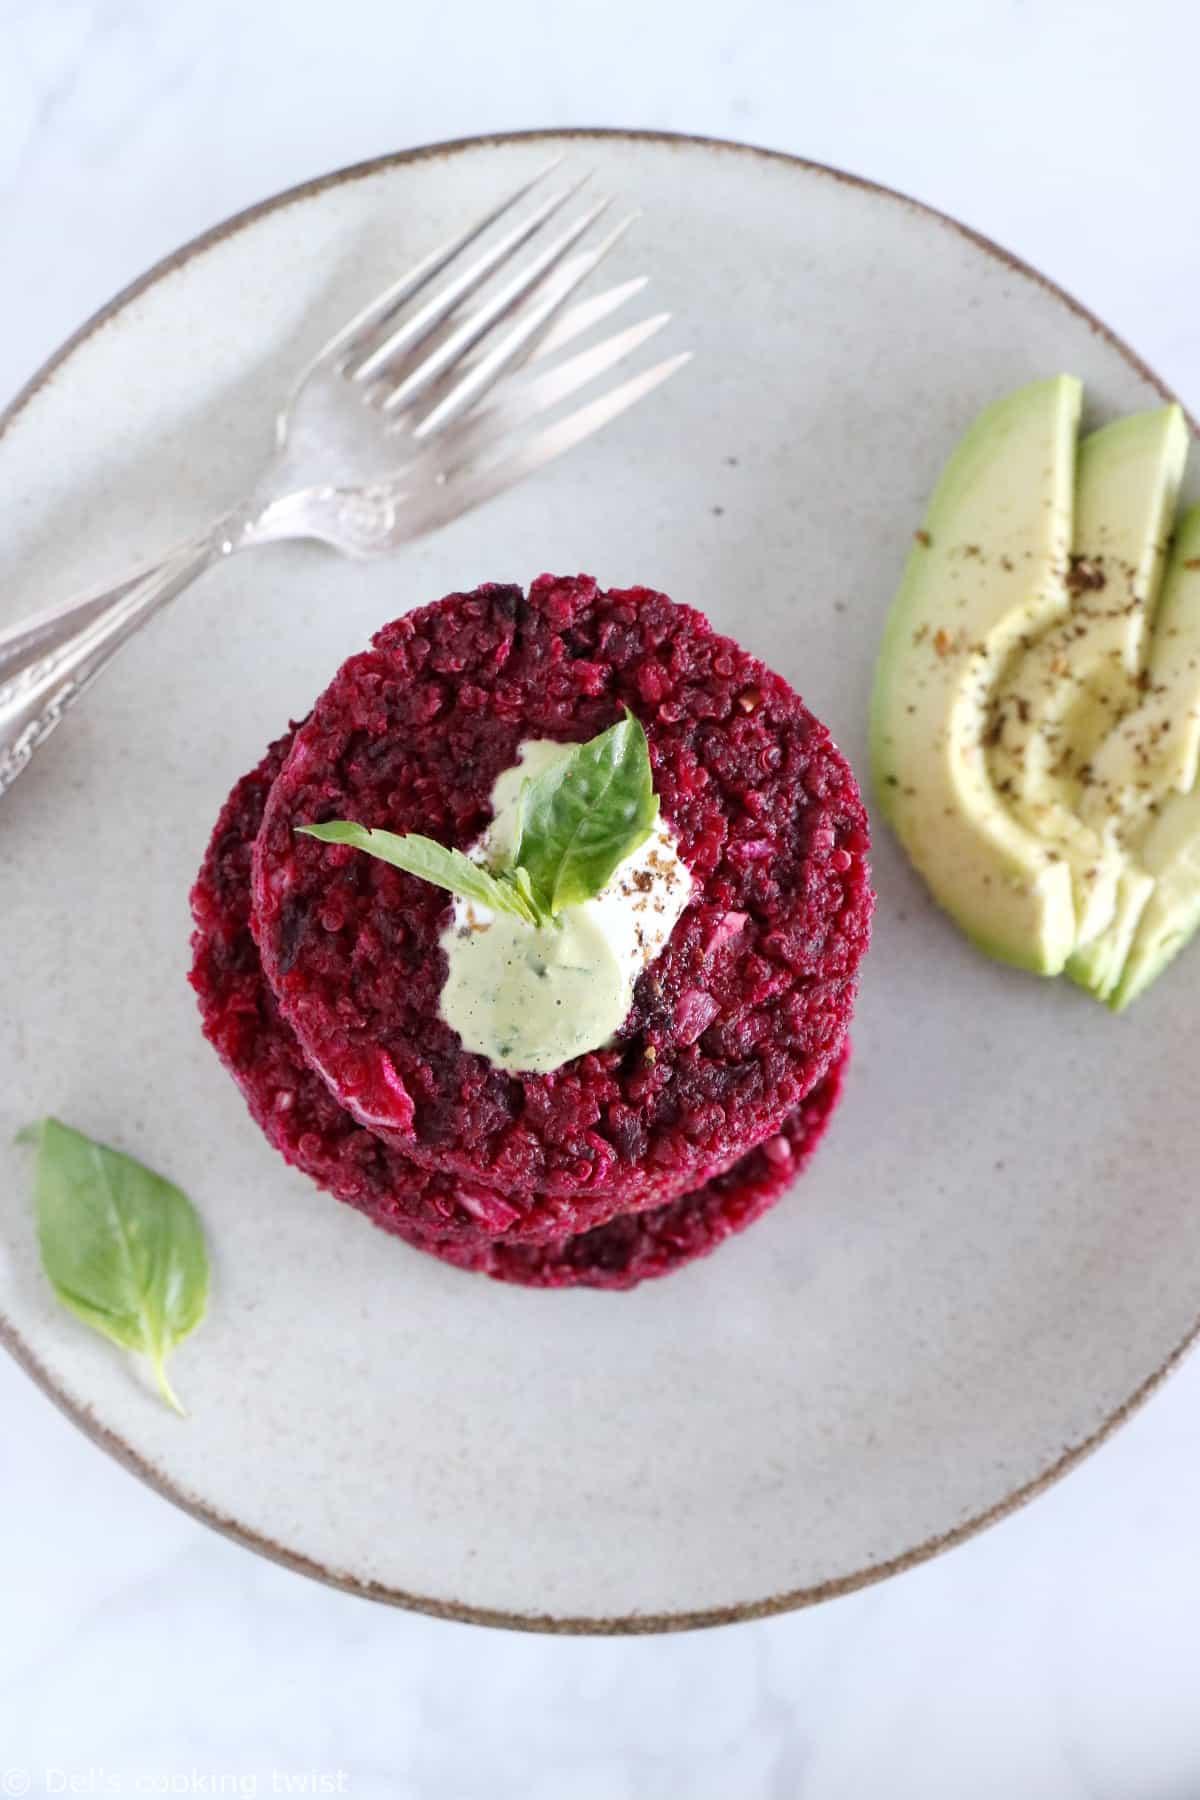 Apportez de la couleur à vos repas en préparant ces galettes de betteraves et quinoa réalisées avec de la ricotta.